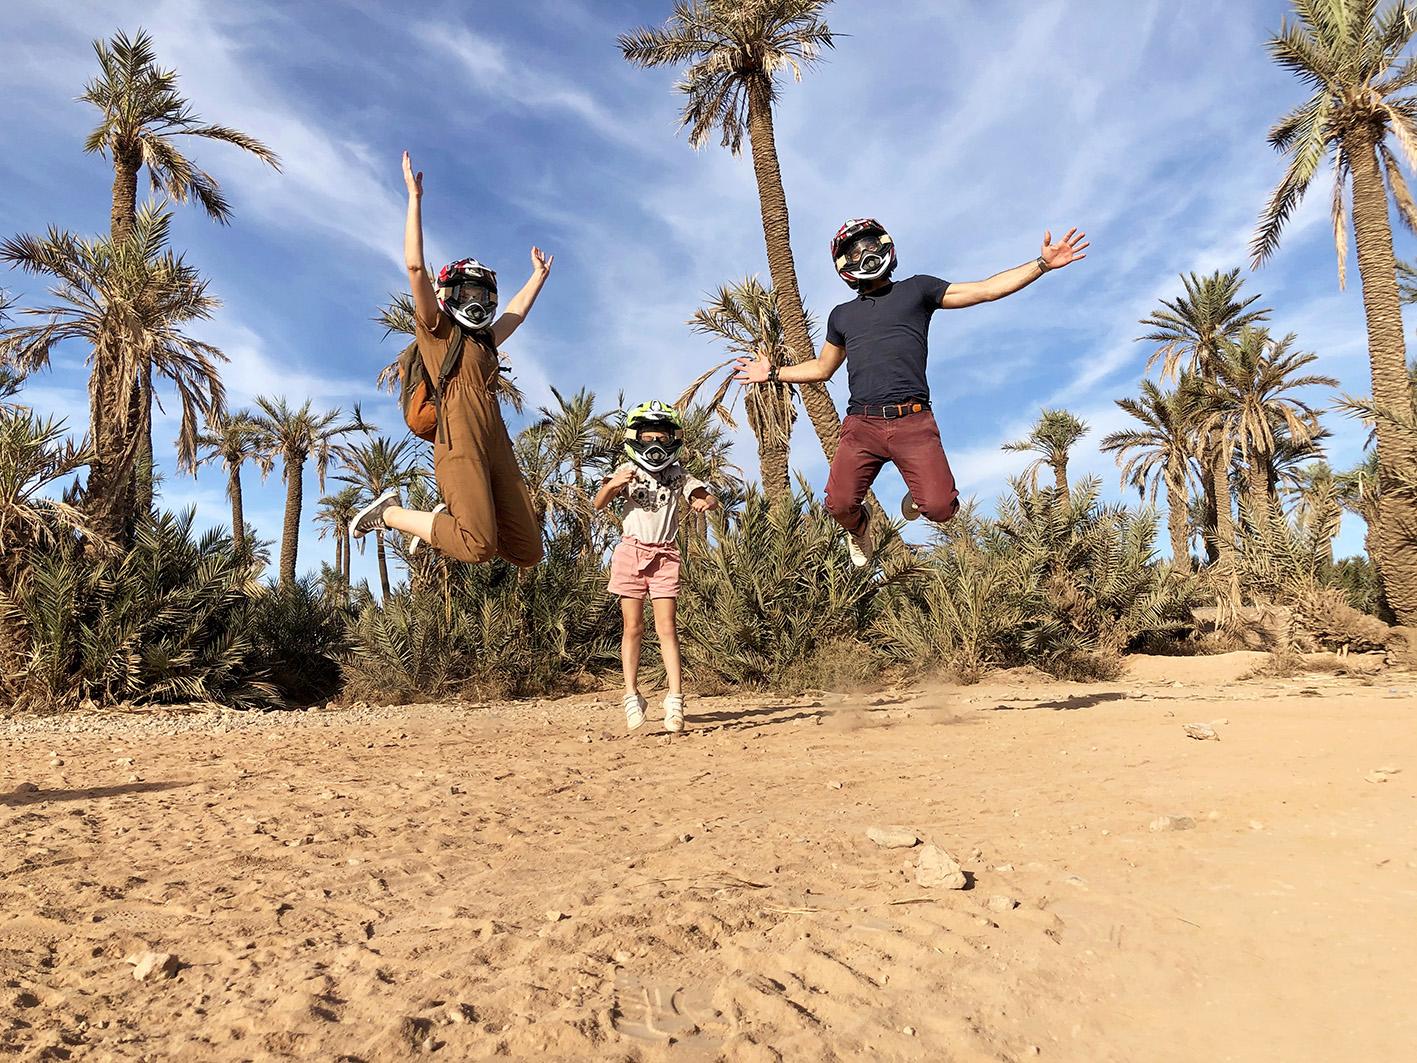 voyage-en-famille-marrackech